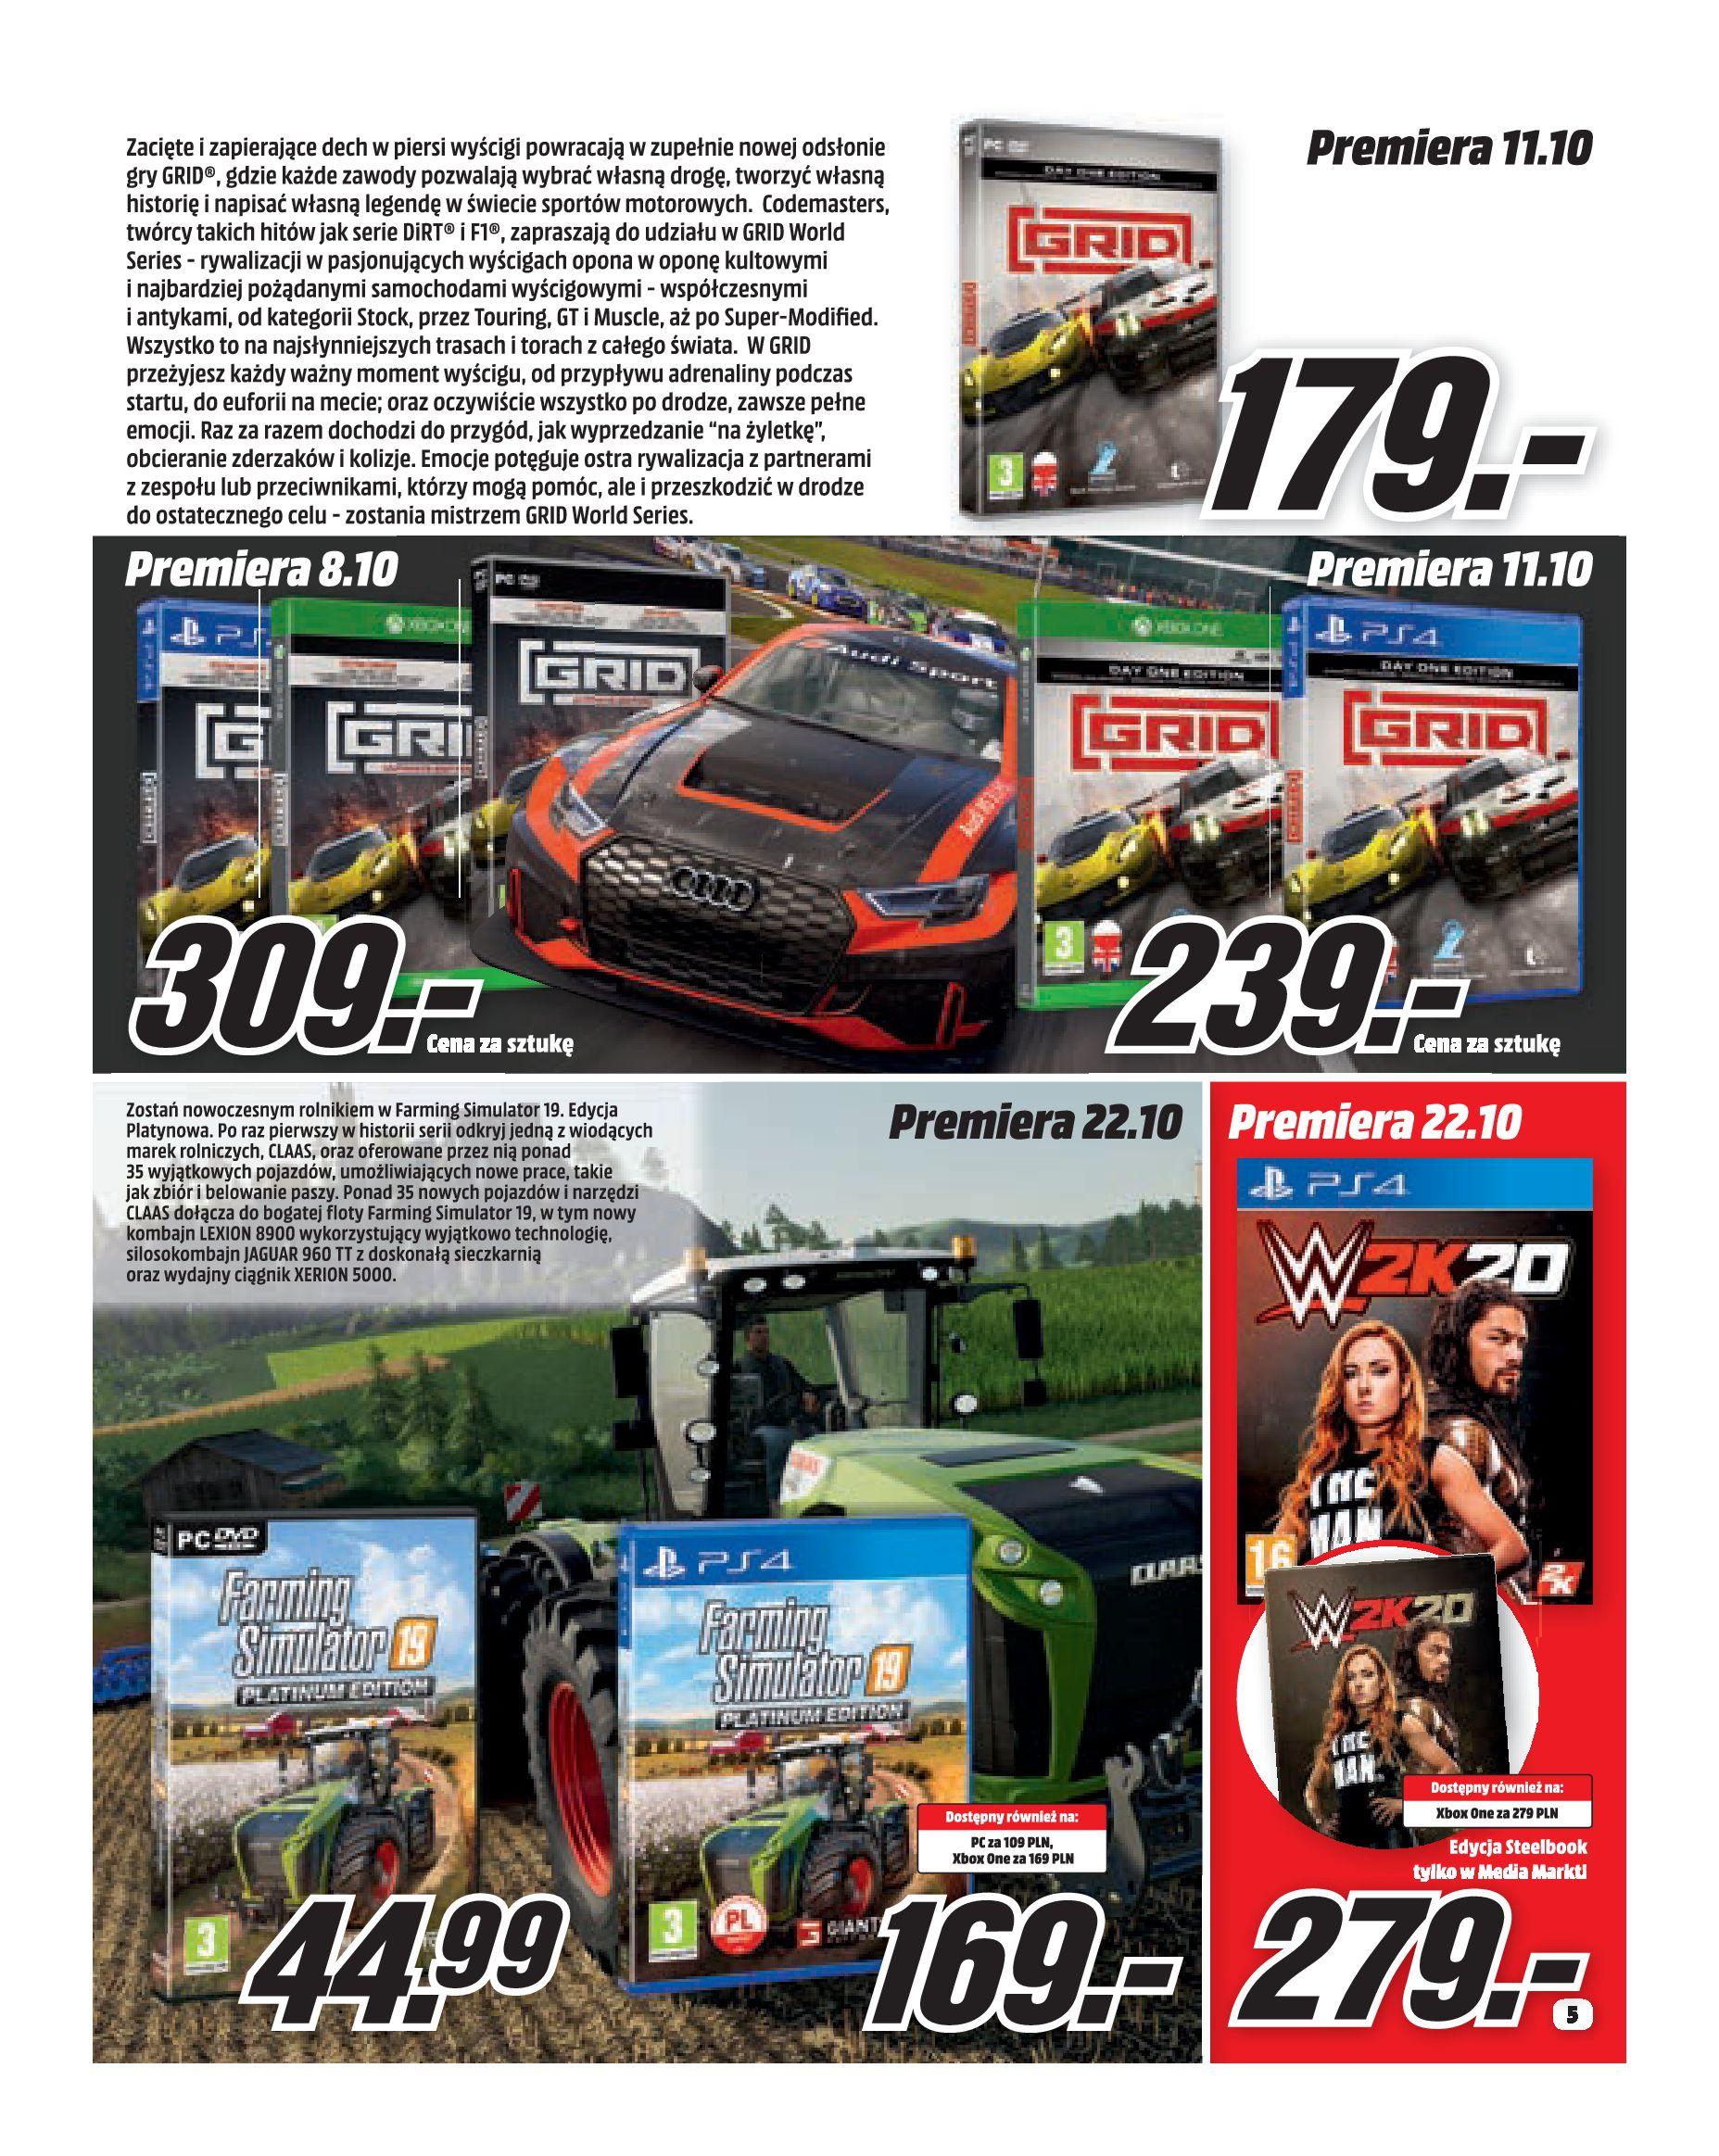 Gazetka Media Markt - Co słychać w rozrywce?-30.09.2019-31.10.2019-page-5